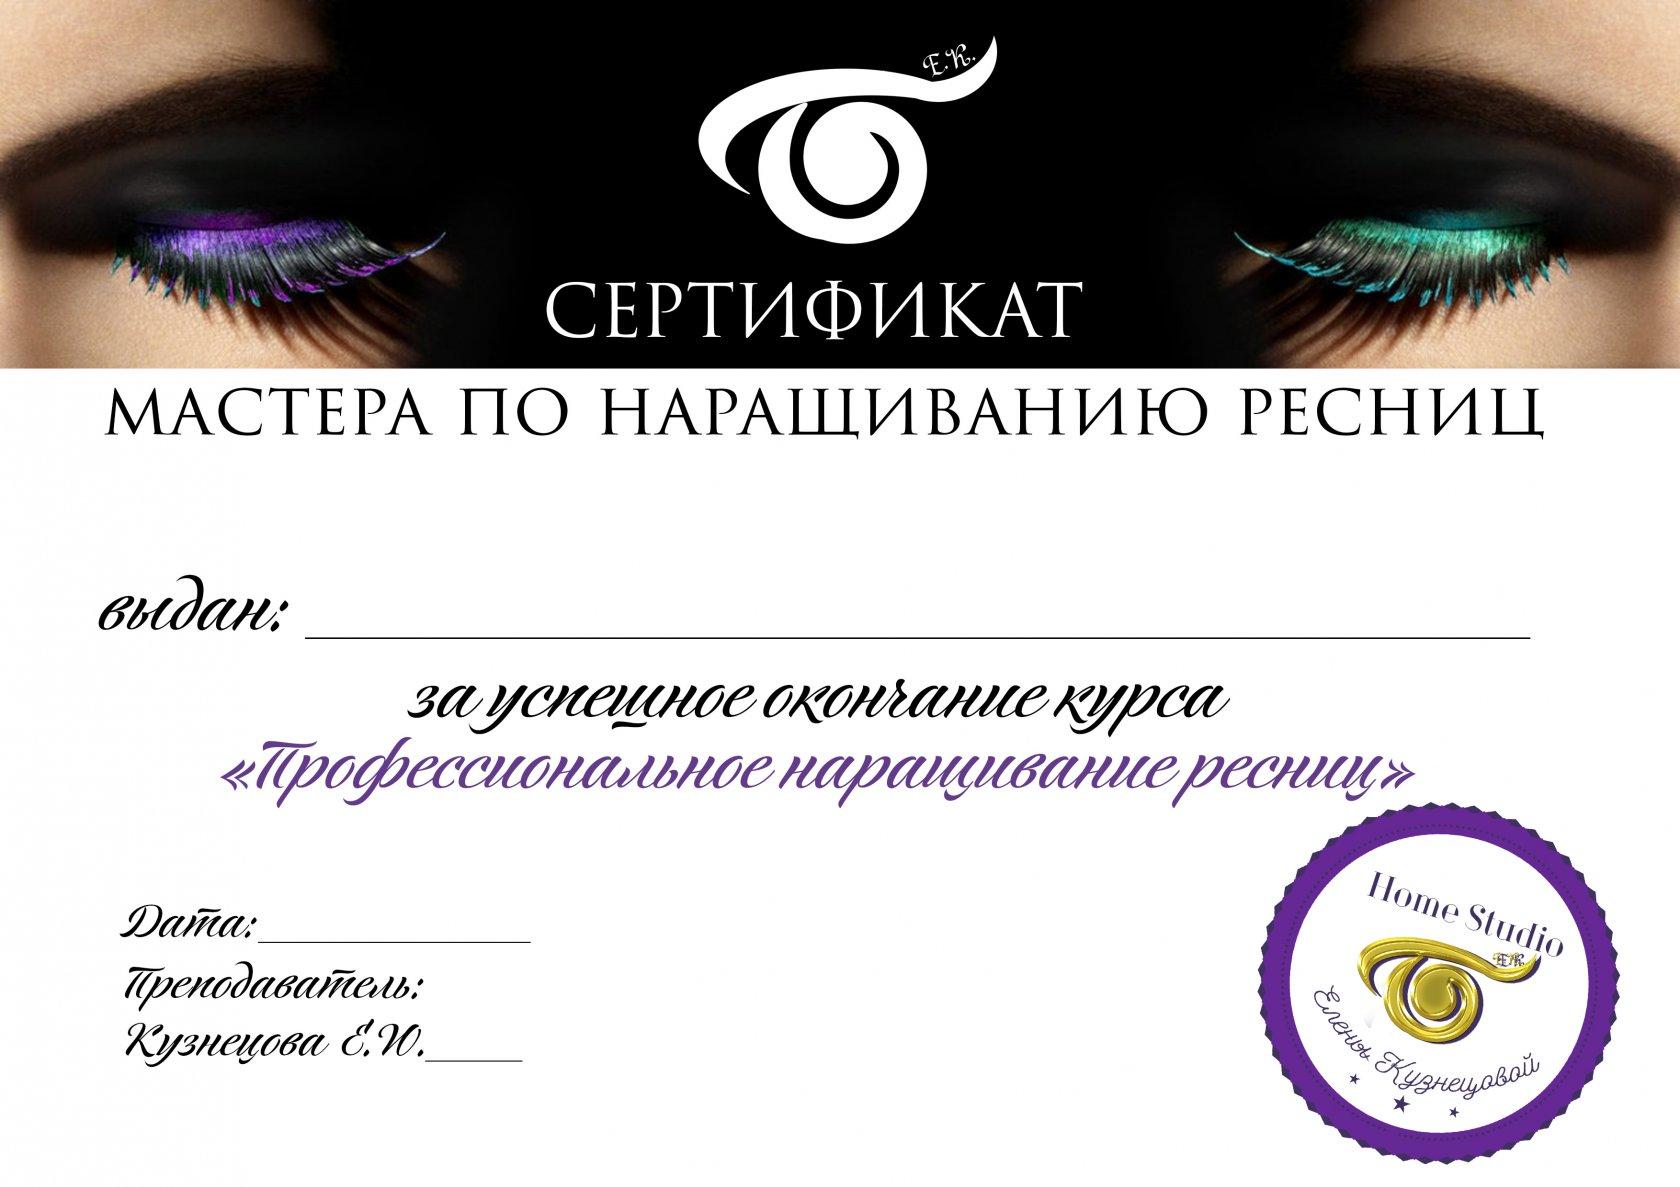 Фото подарочных сертификатов на наращивание ресниц